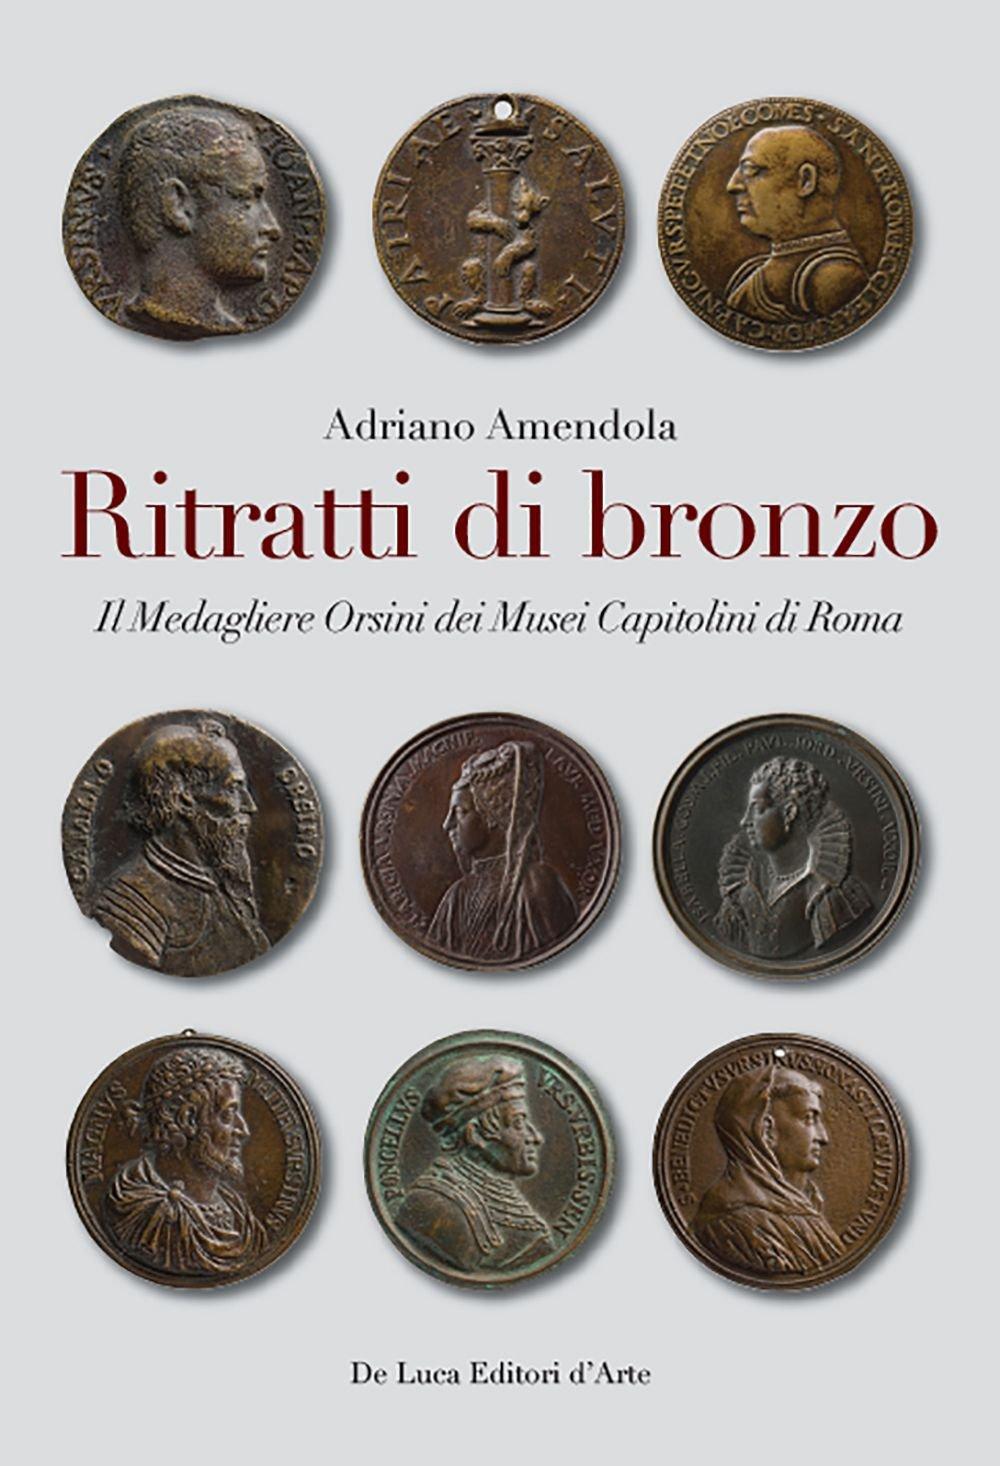 """Adriano Amendola, """"""""Ritratti di Bronzo. Il Medagliere Orsini dei Musei Capitolini di Roma"""" (De Luca editori)"""